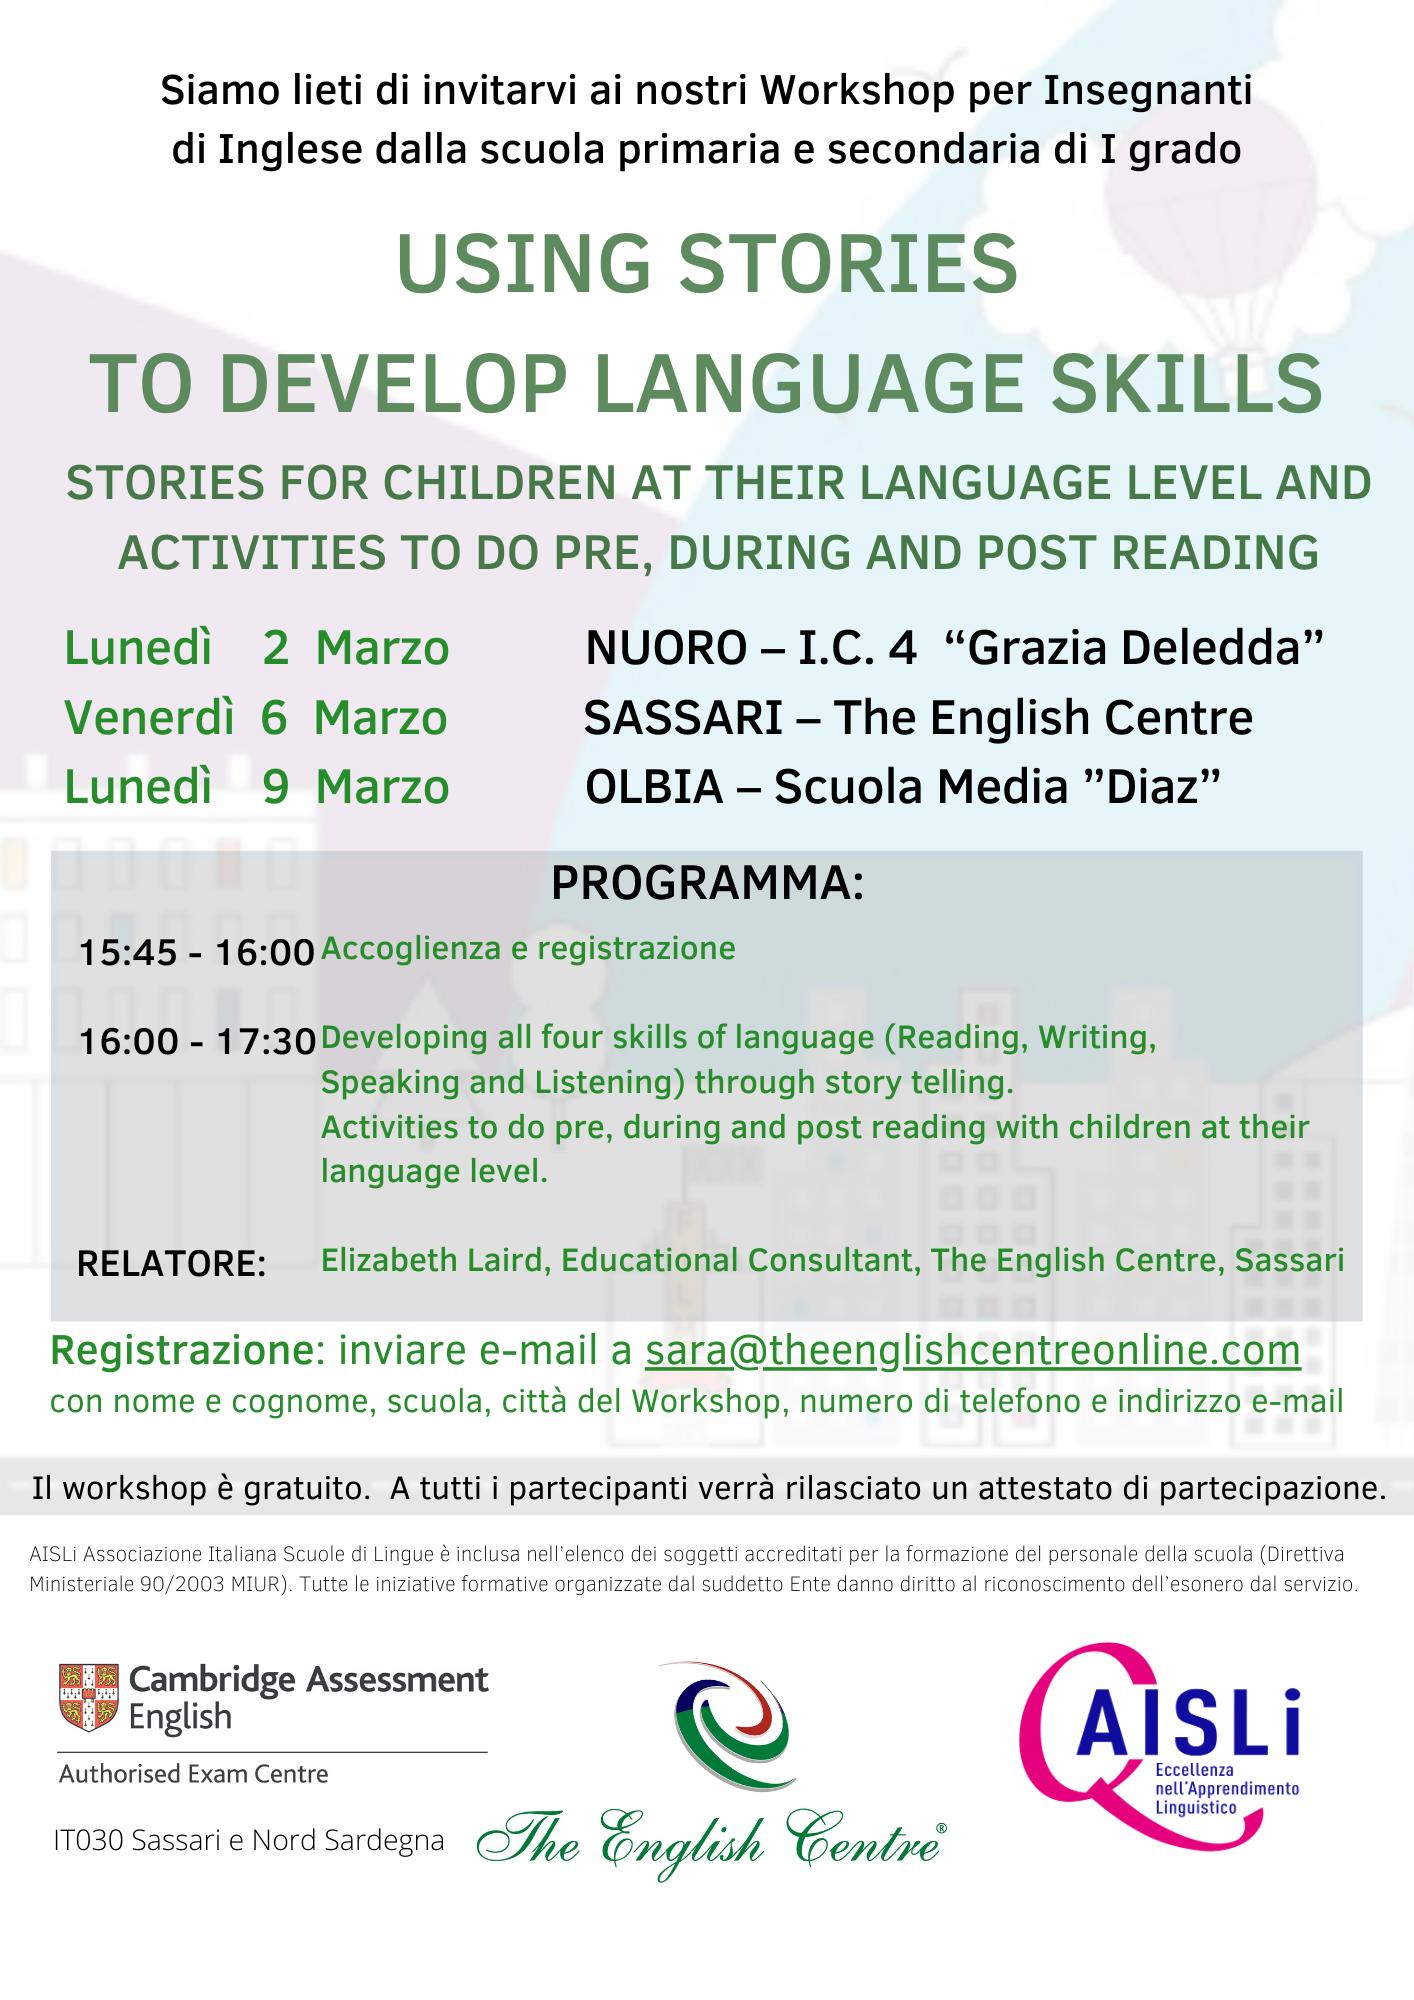 Workshop per insegnanti di inglese di scuola primaria e secondaria di primo grado